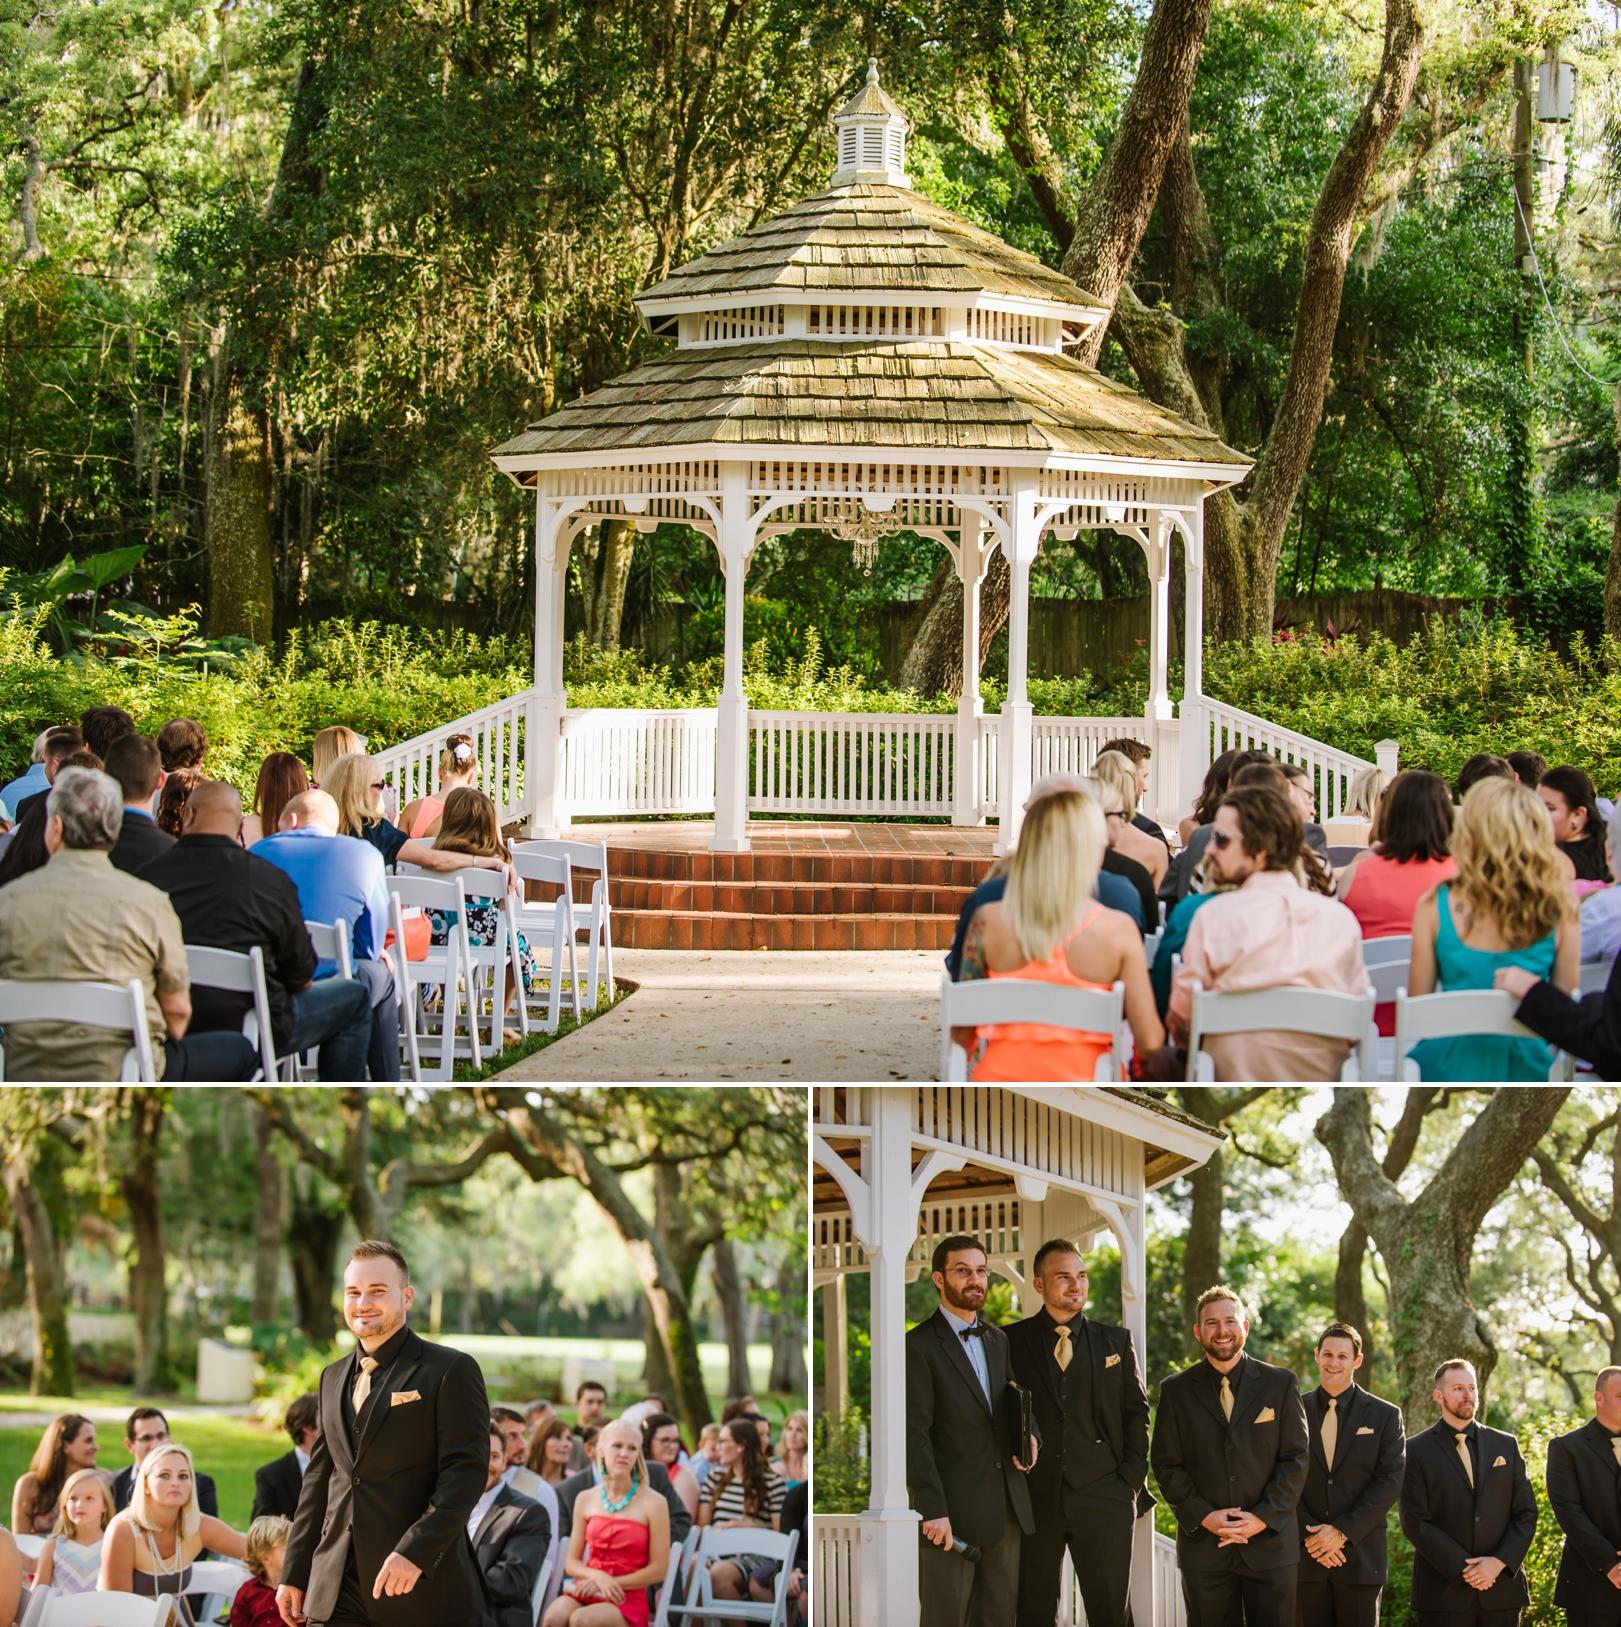 ashlee-hamon-photography-tampa-rustic-outdoor-traditional-wedding_0003.jpg